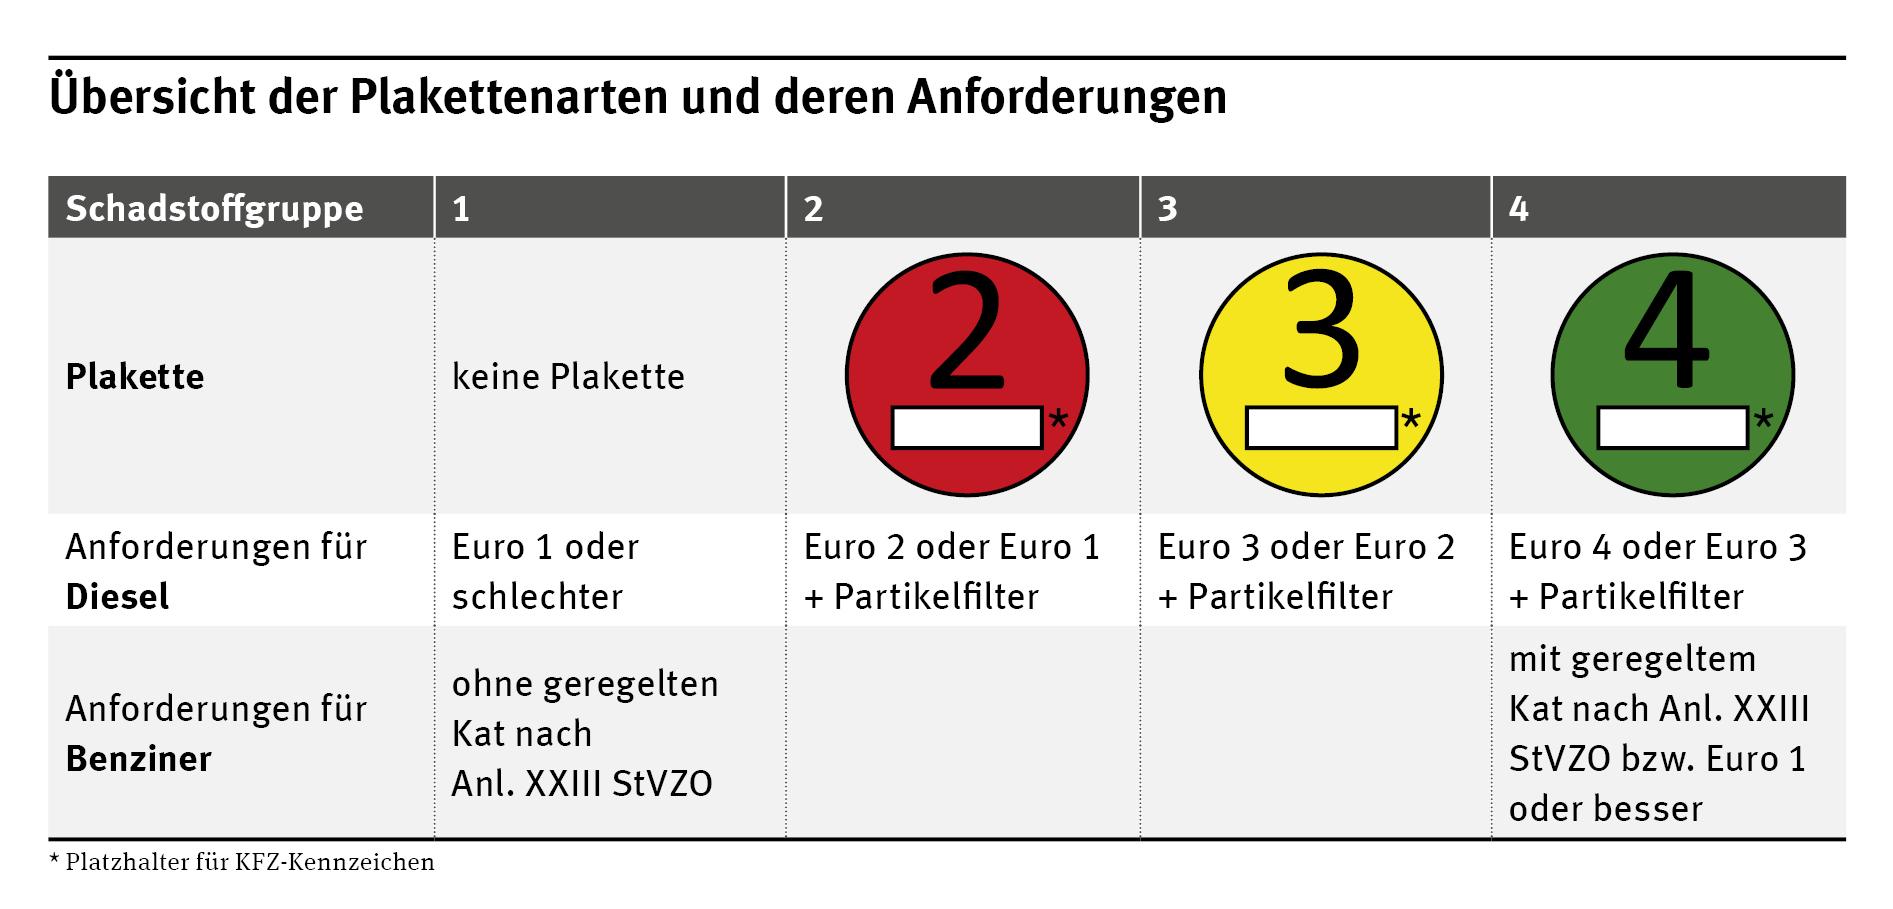 Umweltzonen in Deutschland | Umweltbundesamt